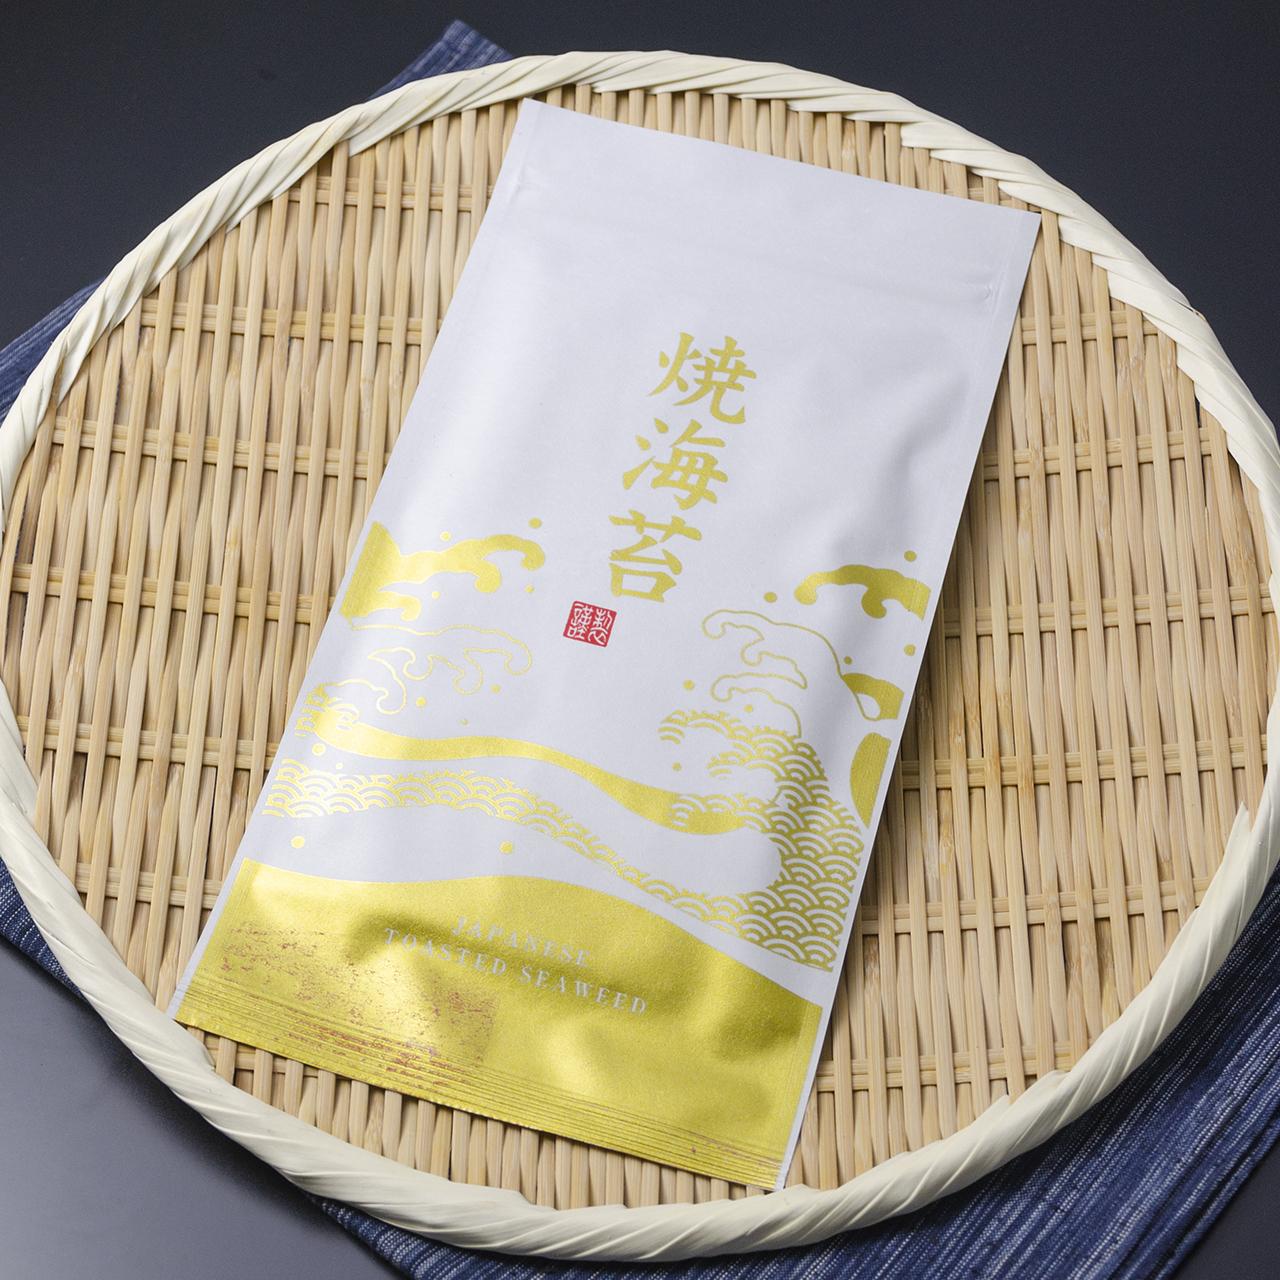 【有明産初摘み】(0201)有明産 手巻き用海苔 アルミ袋入 (半切10枚入)